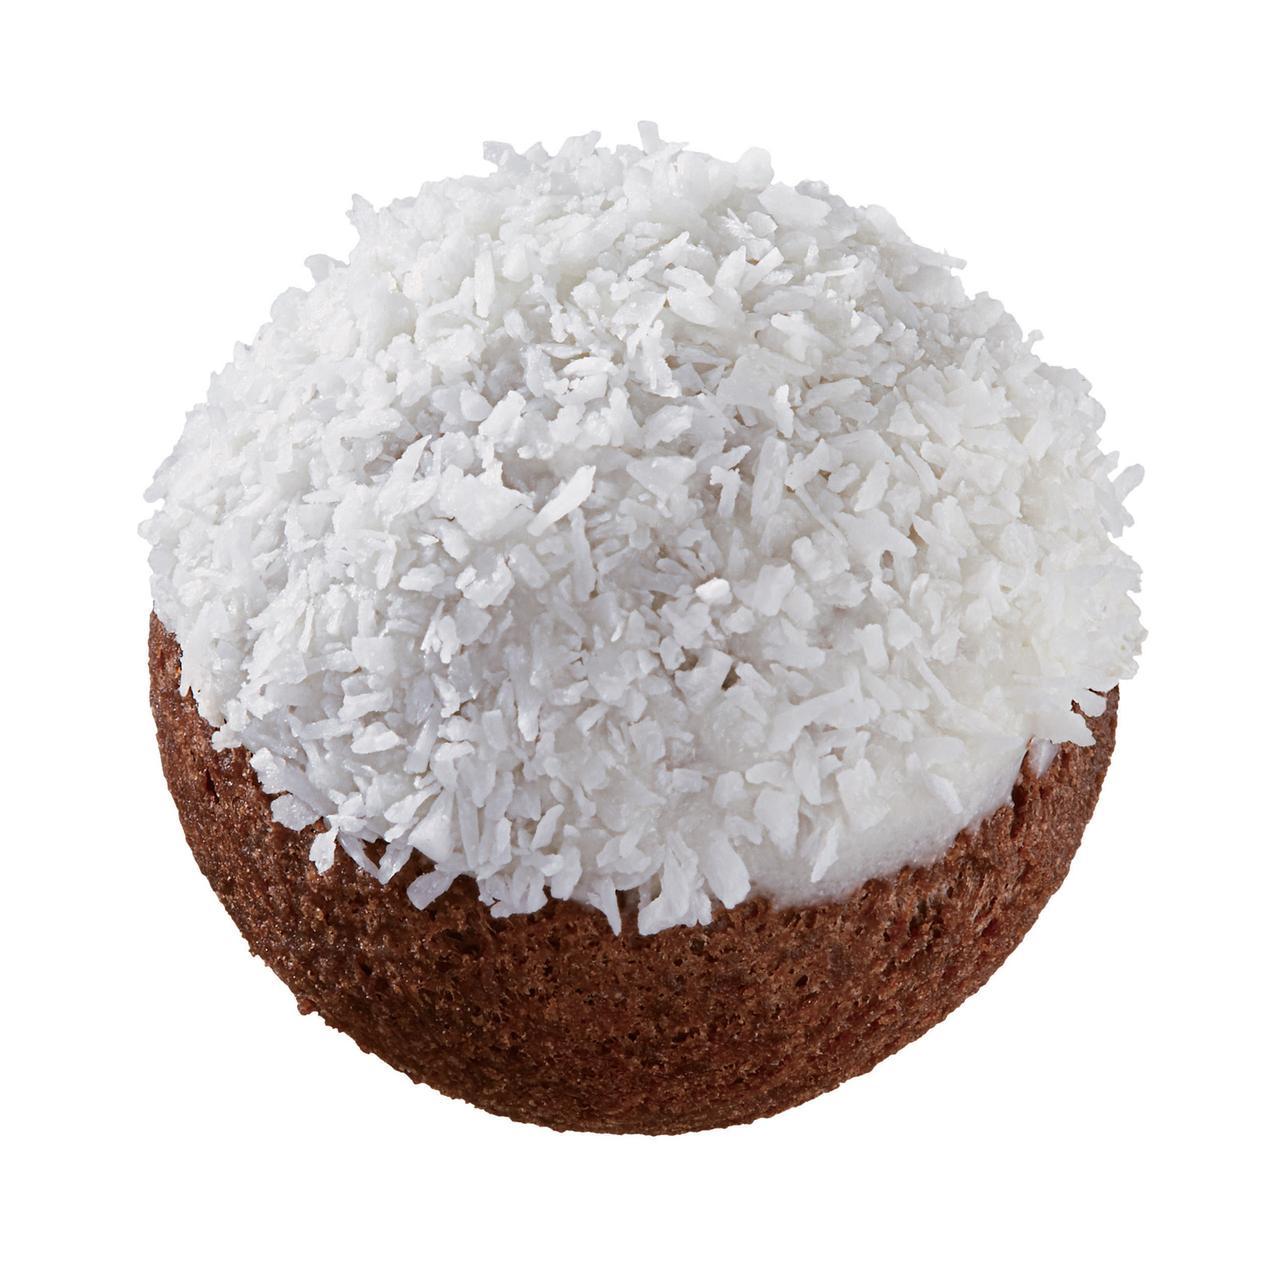 画像: ●ホワイトココナツチョコレートボール(限定フレーバー) ミルクチョコレート風味の生地をホワイトチョコでコーティングし、ココナツをトッピングしました。